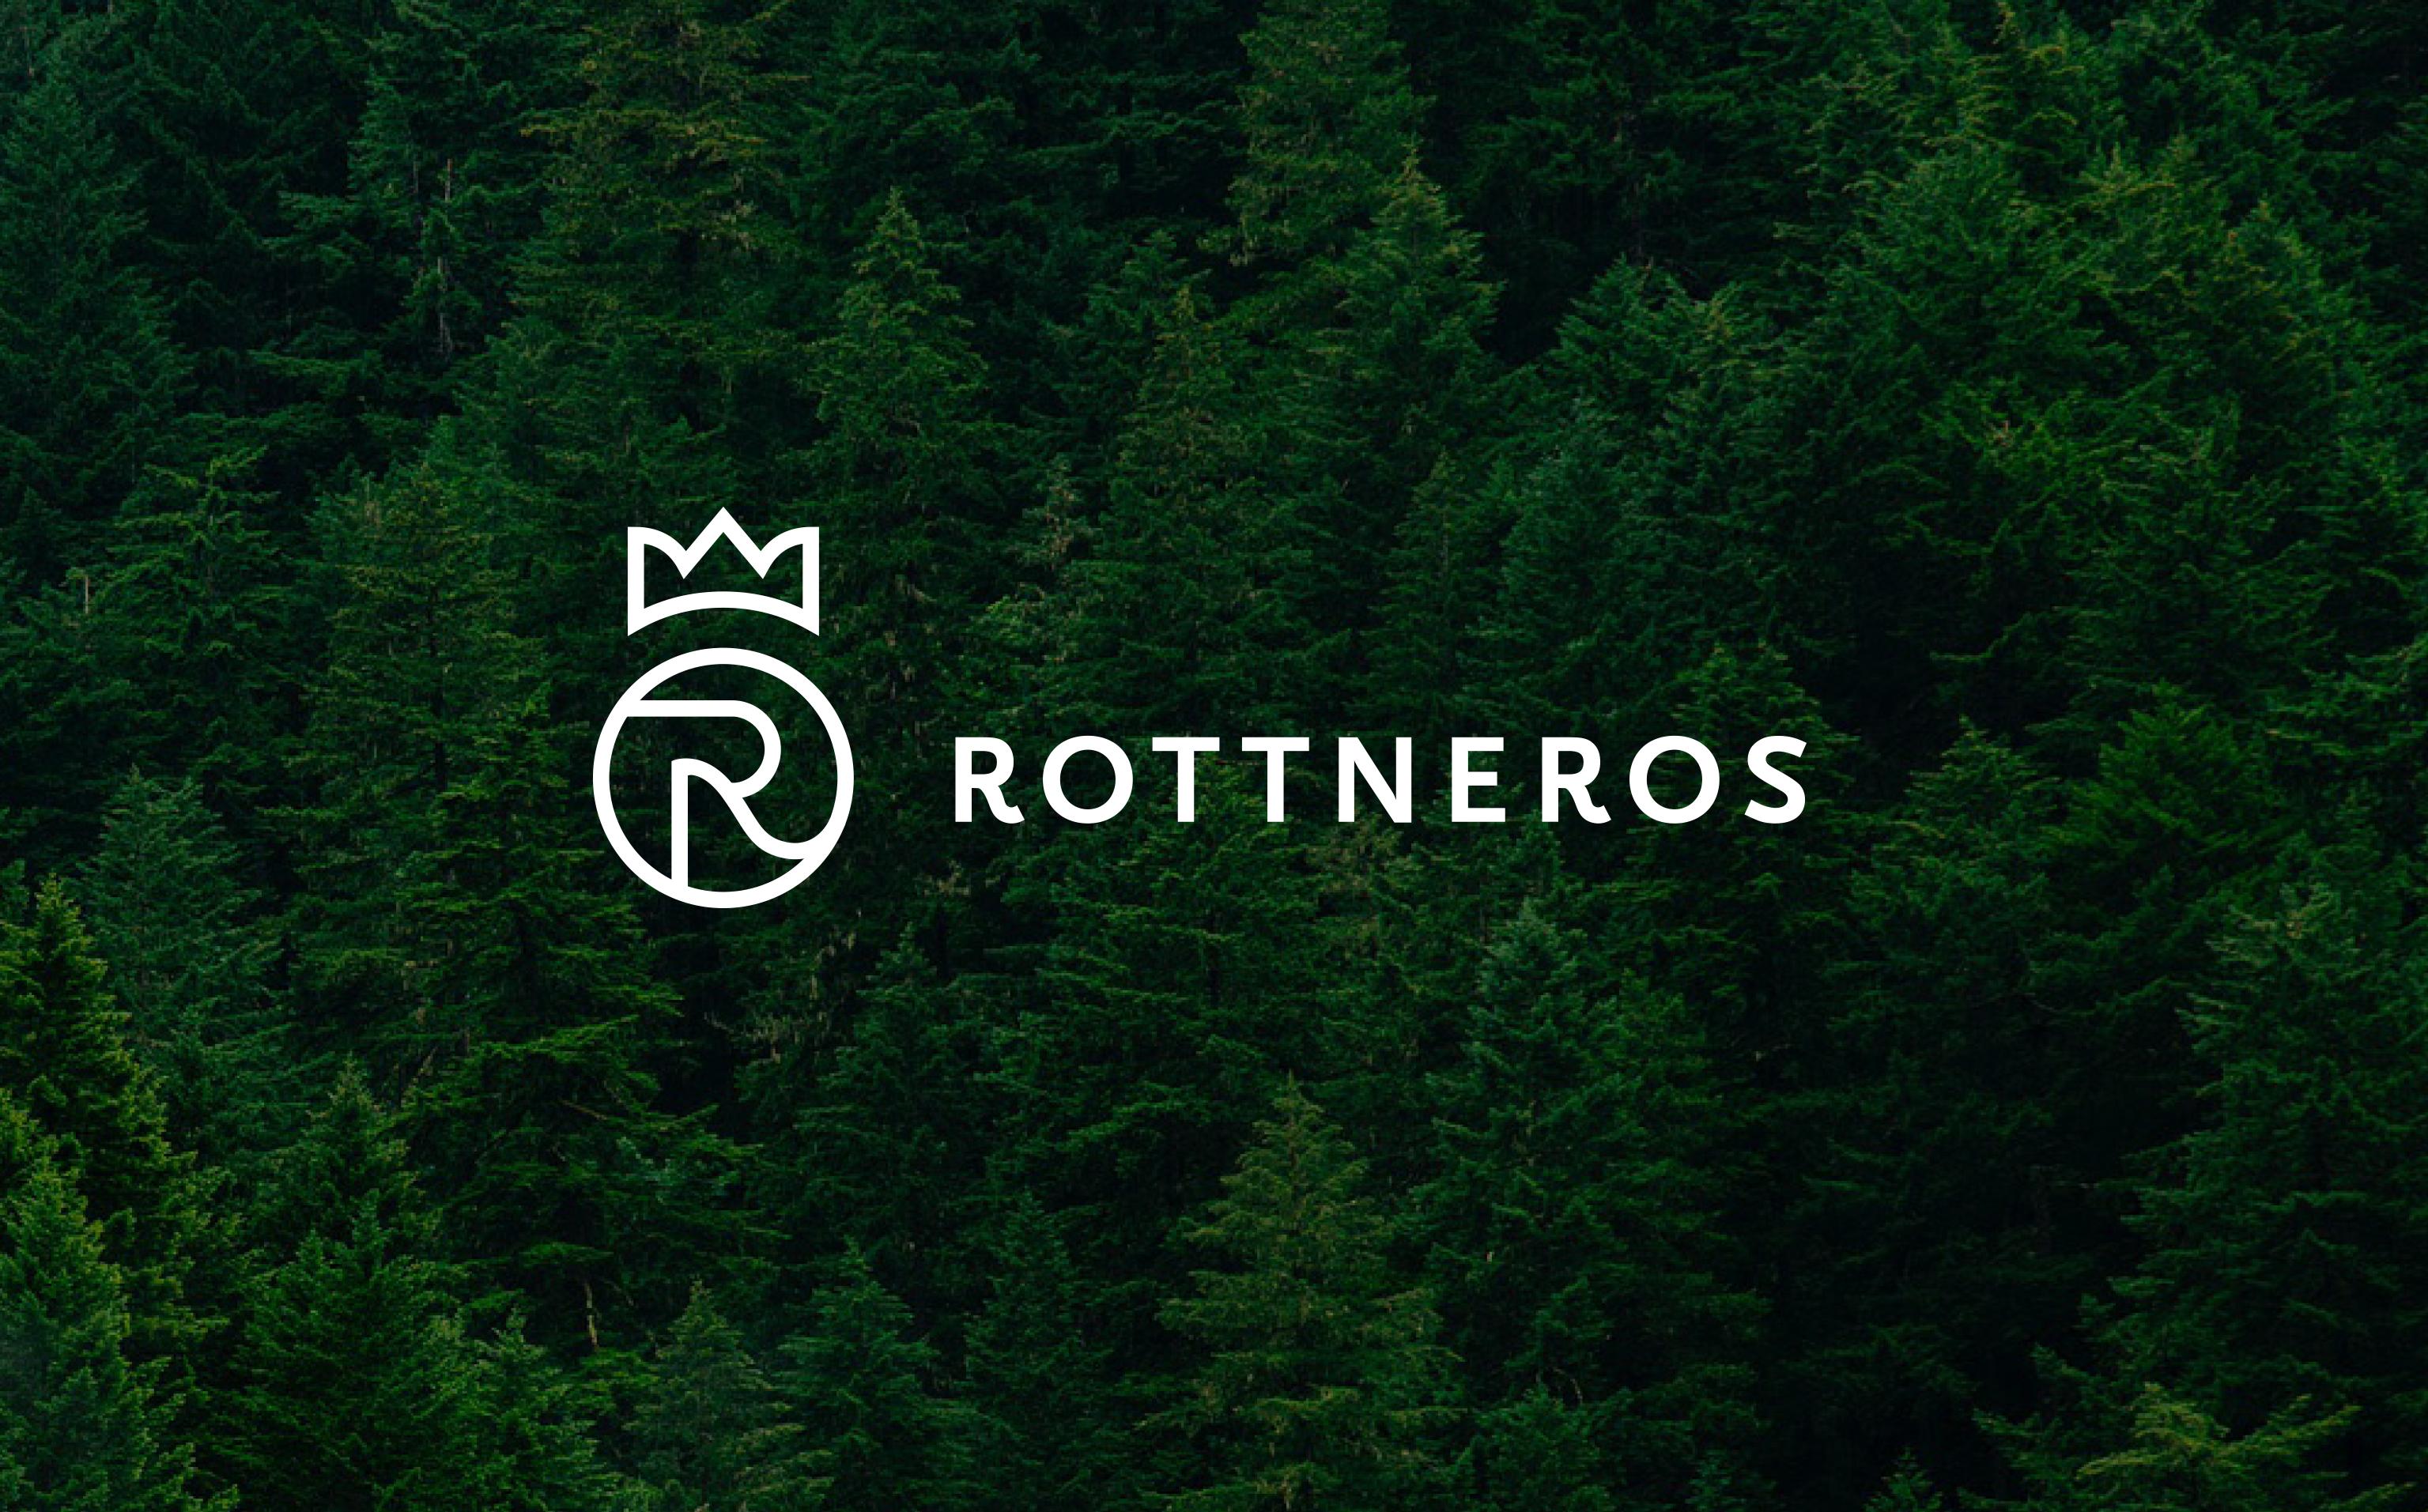 Rottneros logotyp